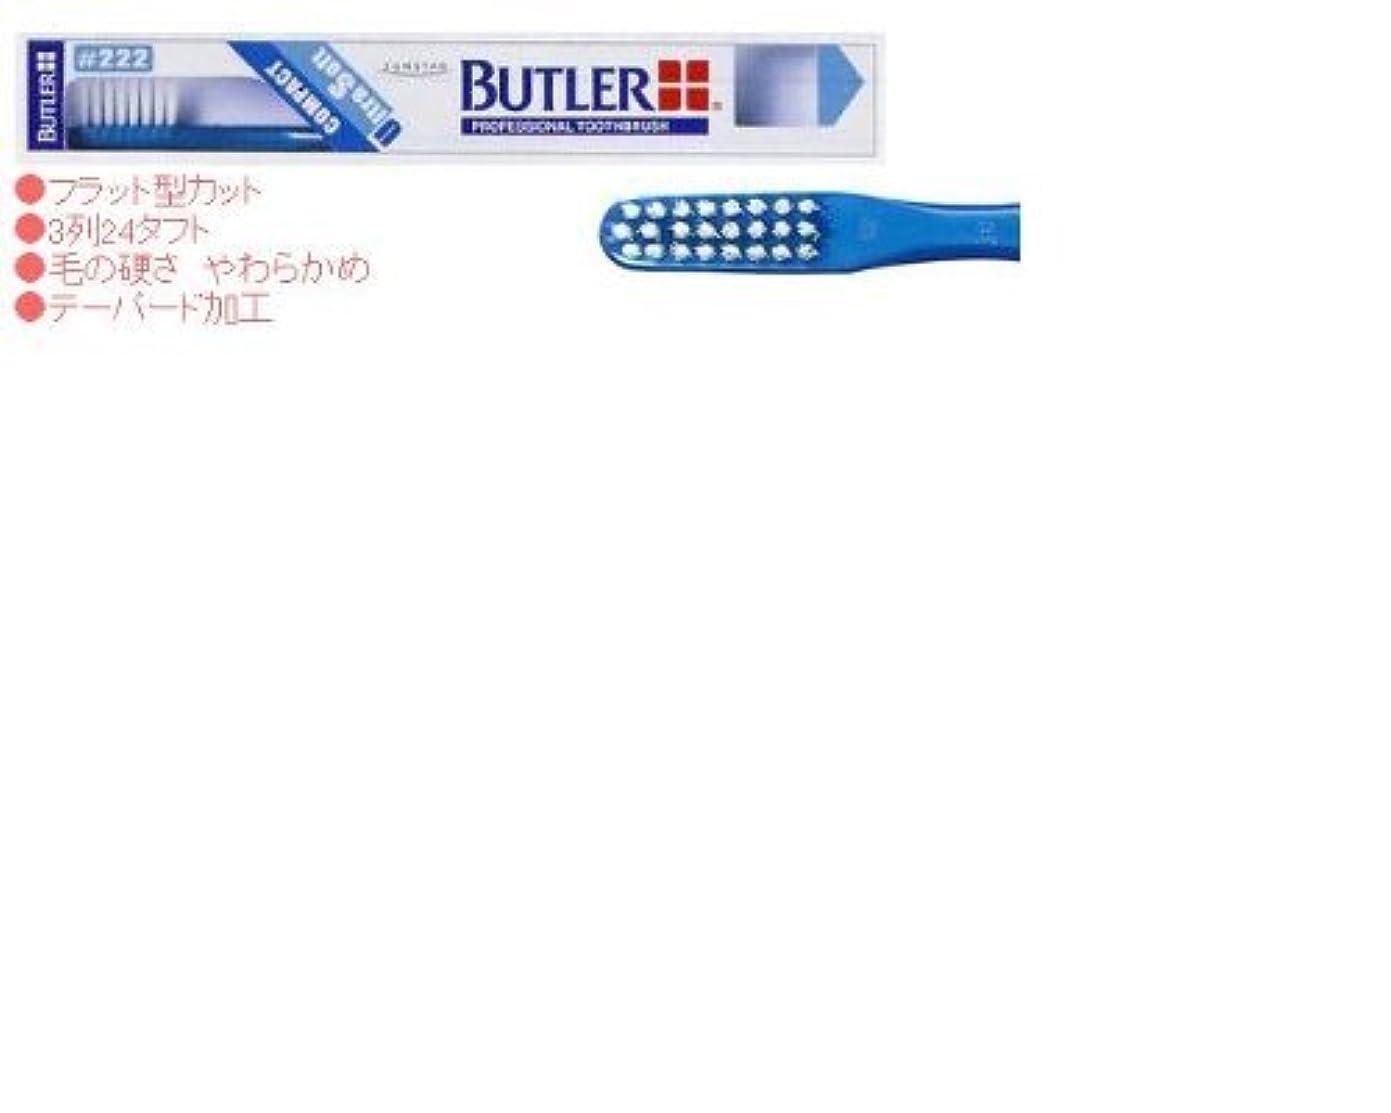 経験的付けるまたはどちらかバトラー歯ブラシ 1本 #222